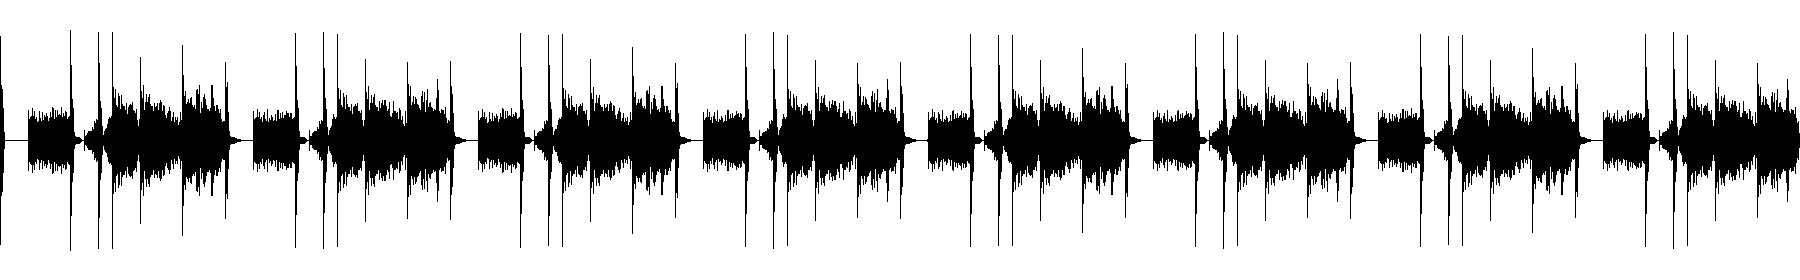 dts chordlp 30 bm